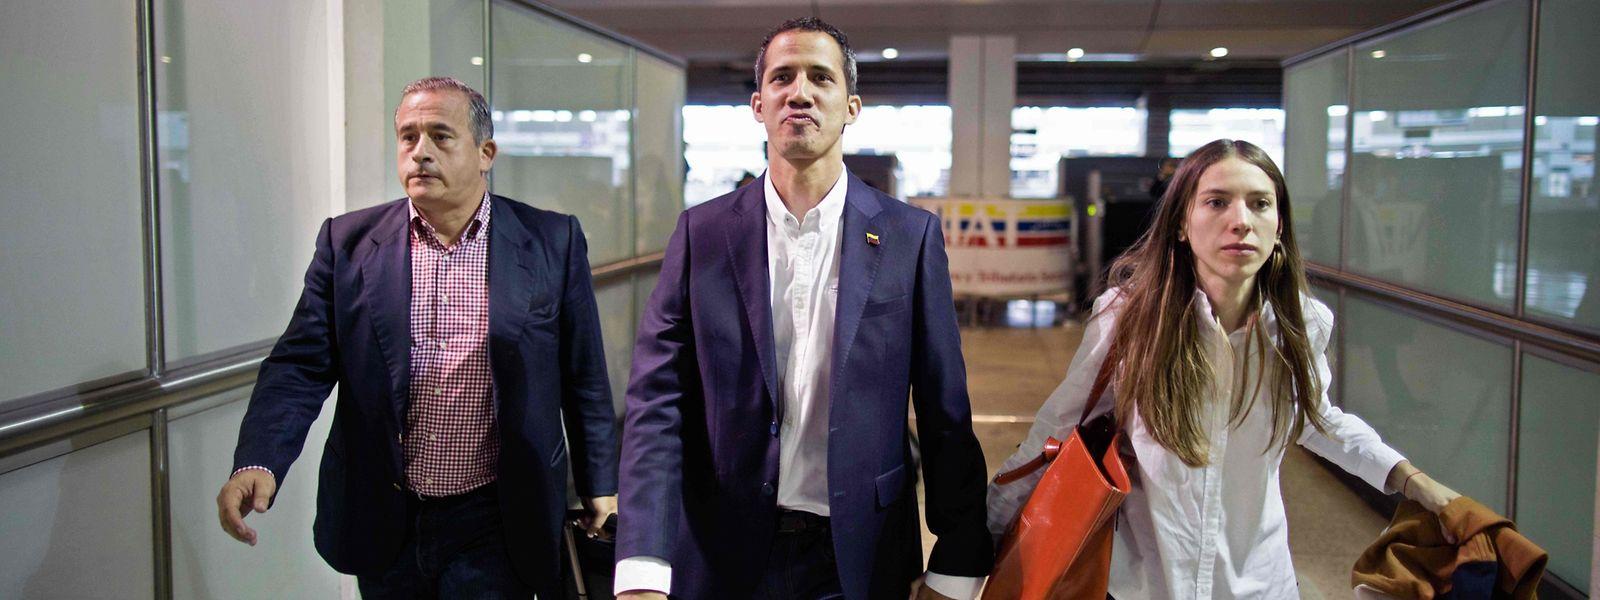 Juan Guaidó trifft gemeinsam mit seiner Frau Fabiana Rosales am Flughafen Simon Bolivar in der venezolanischen Maiquetía ein.